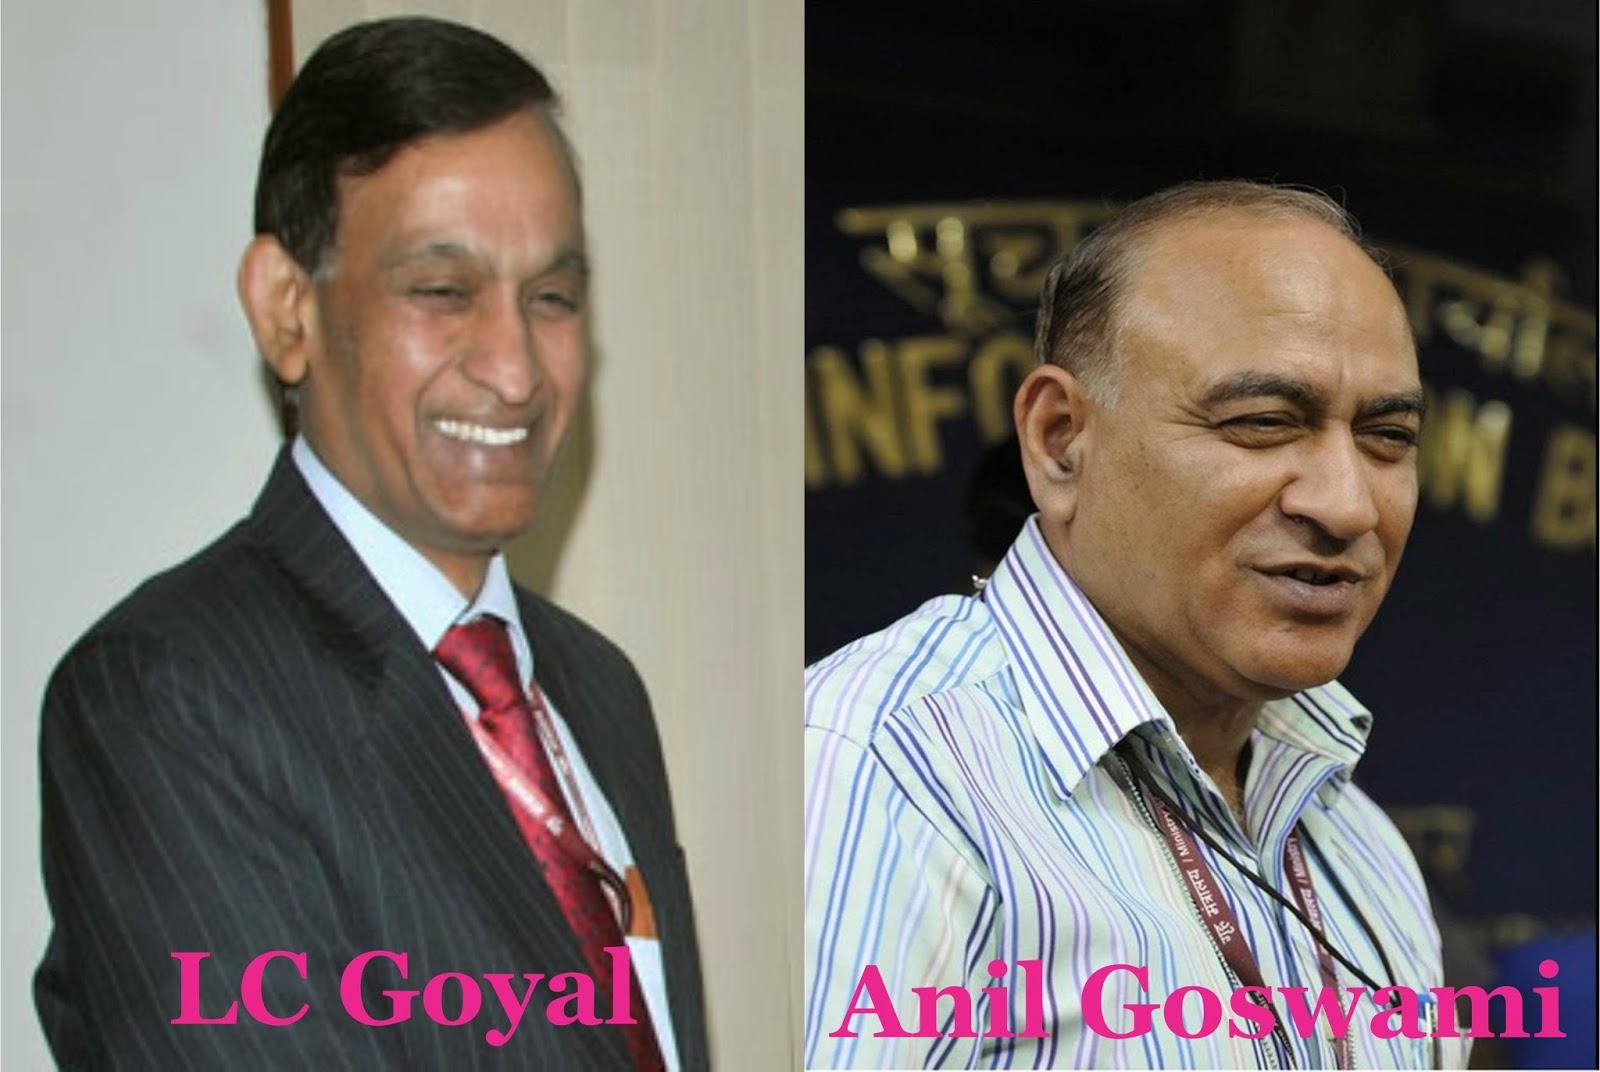 LC Goyal & Anil Goswami